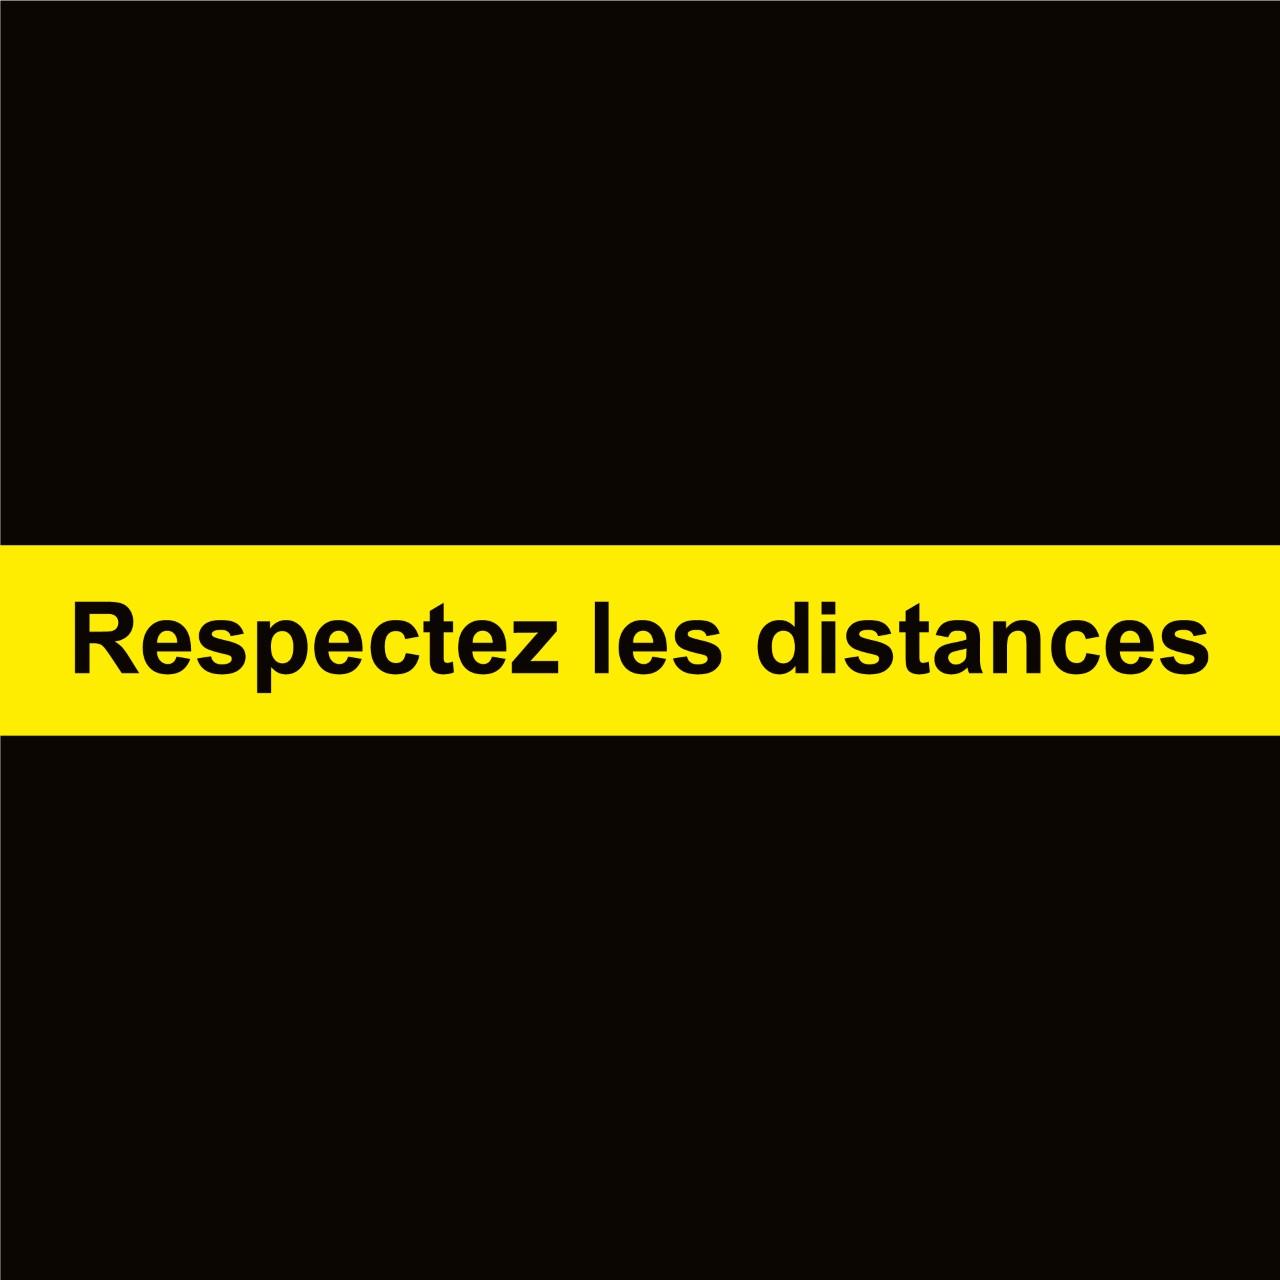 respectez-les-distance-700x100-mm_jaune-fond-noir